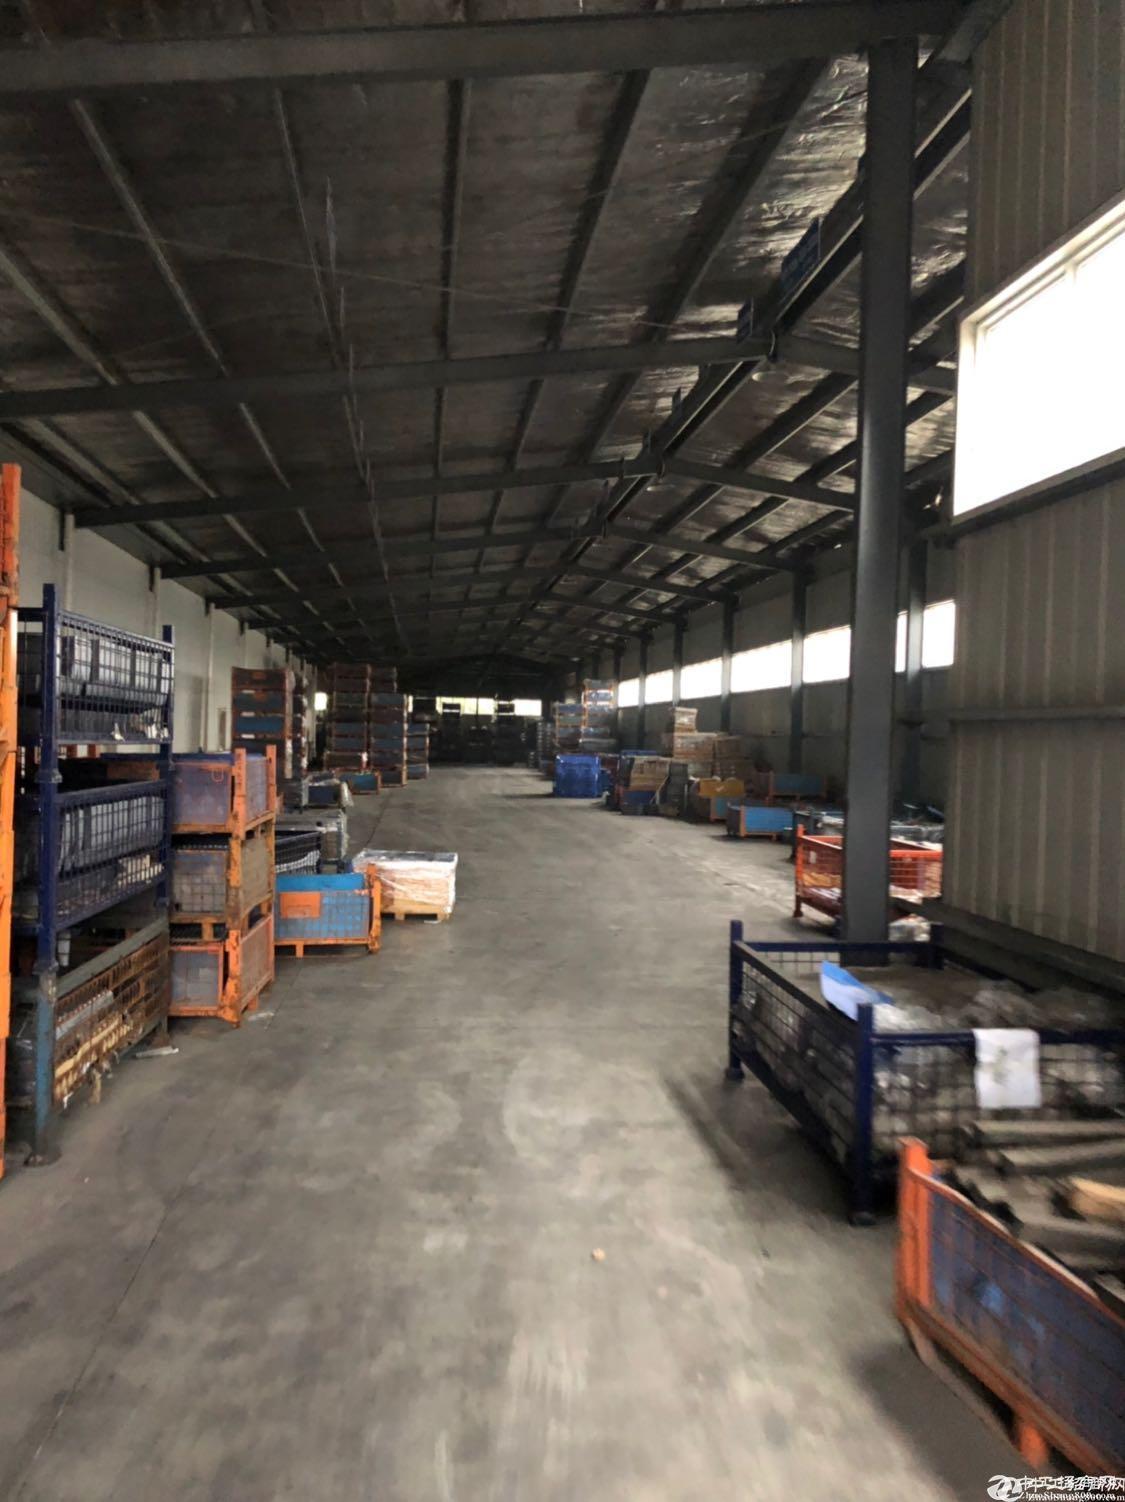 [关山厂房] 出租钢结构仓库,层高4-6米大通间仓库